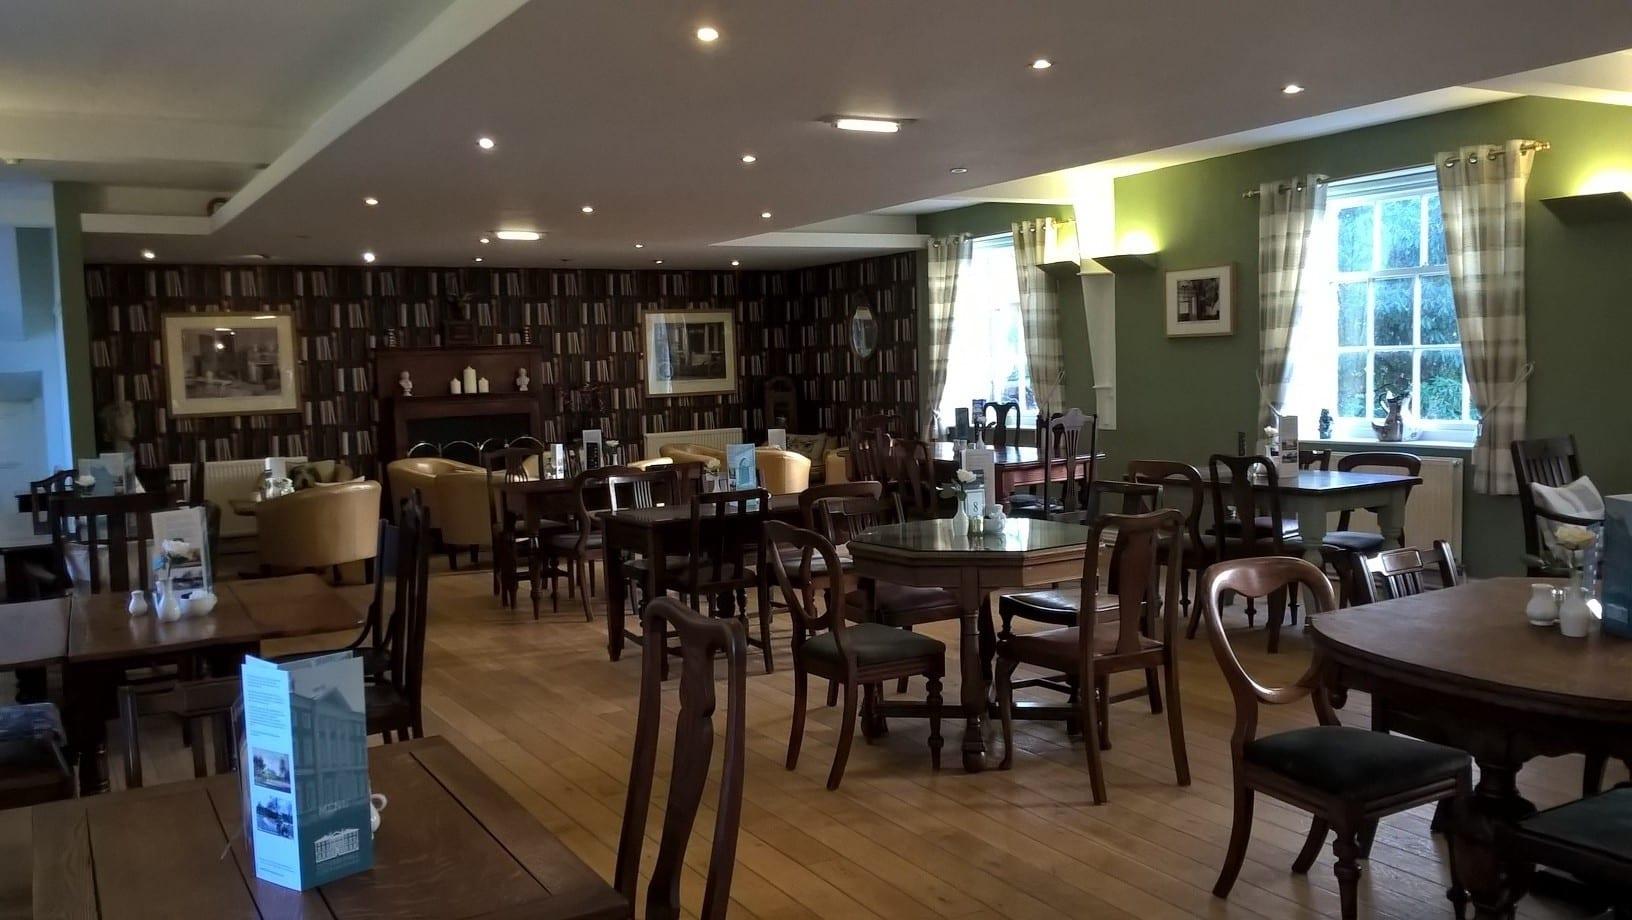 Tea room at Lytham Hall